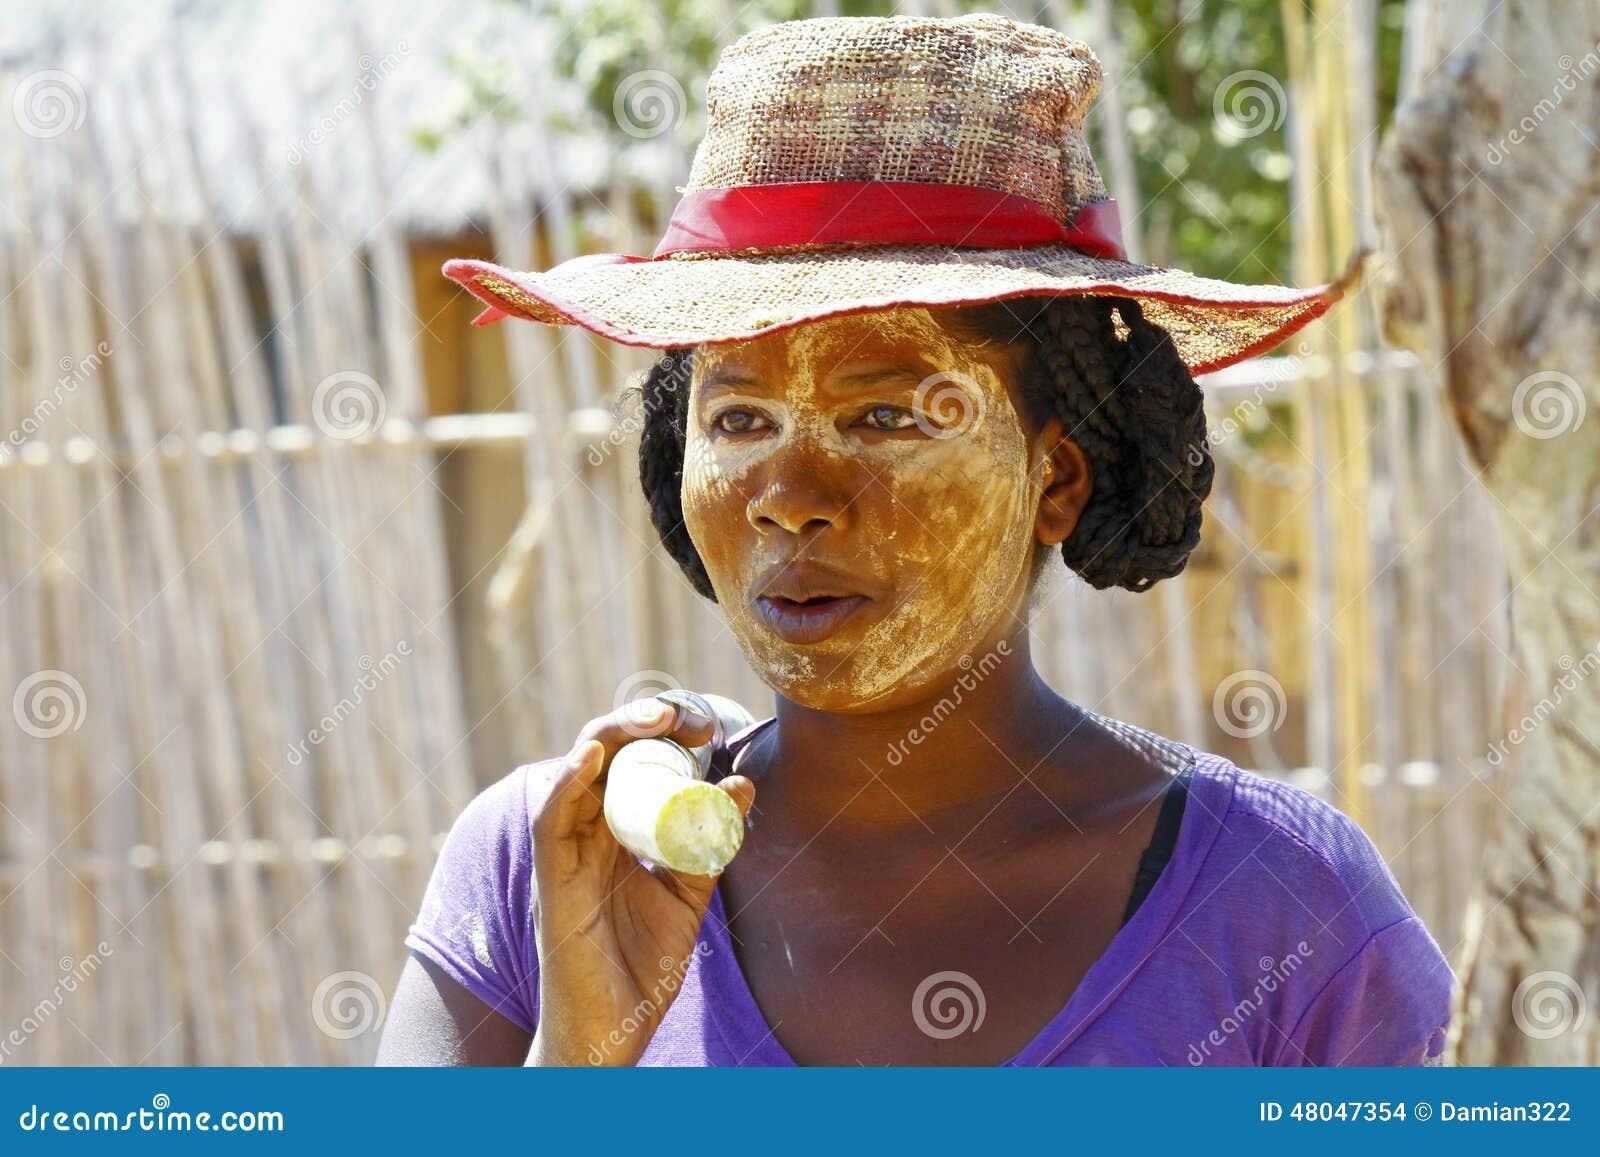 Rencontre avec femme malgache madagascar